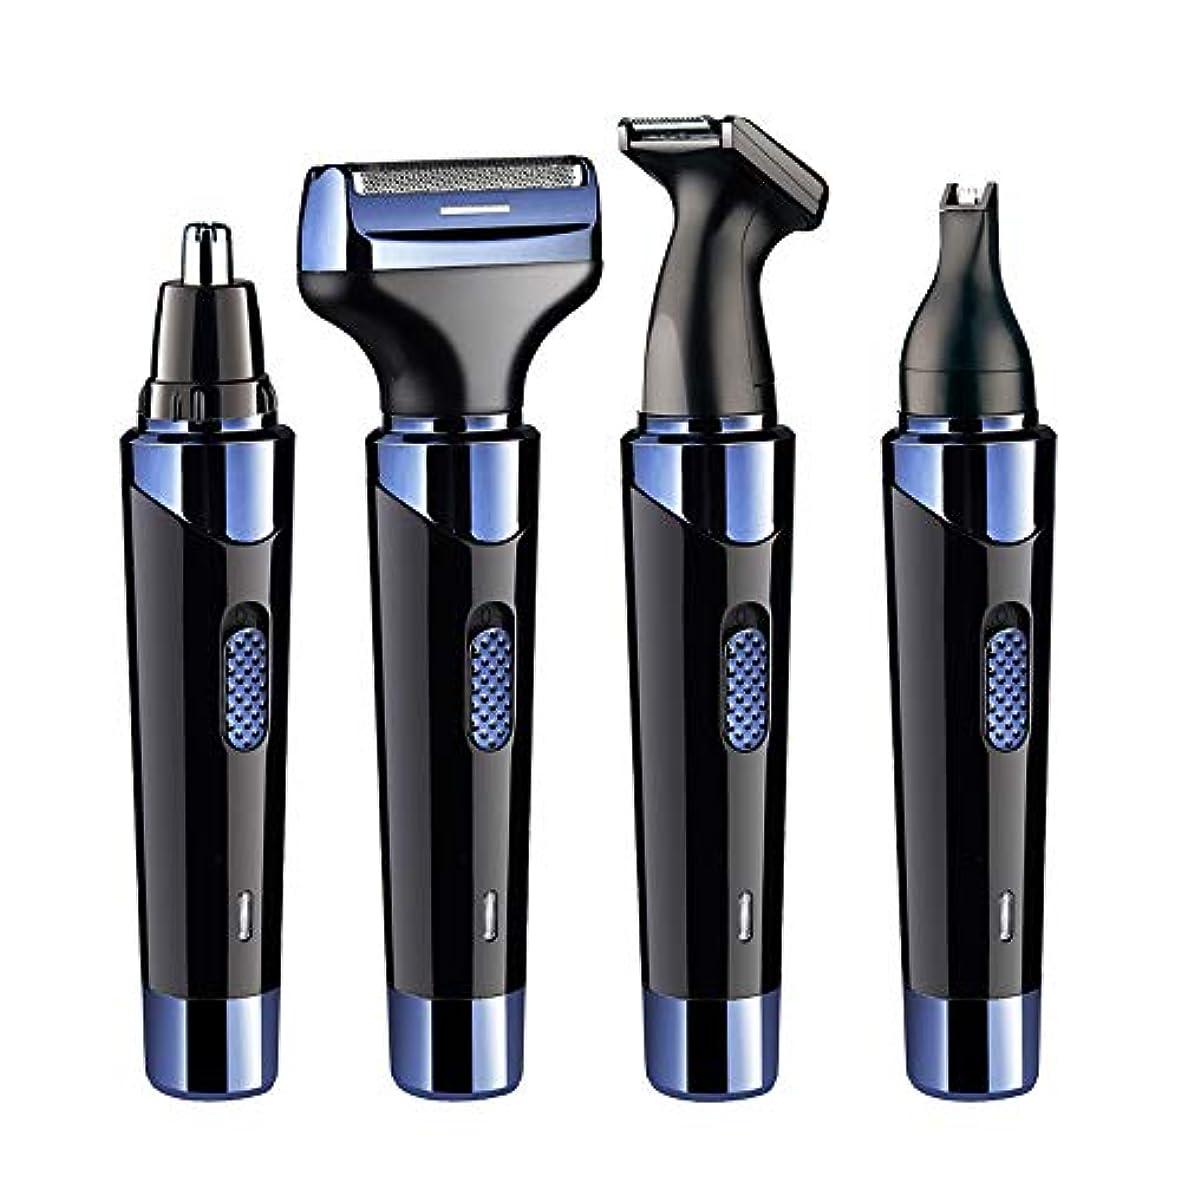 スズメバチ縫う拒絶Decdeal 電気シェーバー 4in1 メンズ 鼻毛カッター カミソリ 軽量 ポータブル 安全 電気 充電式